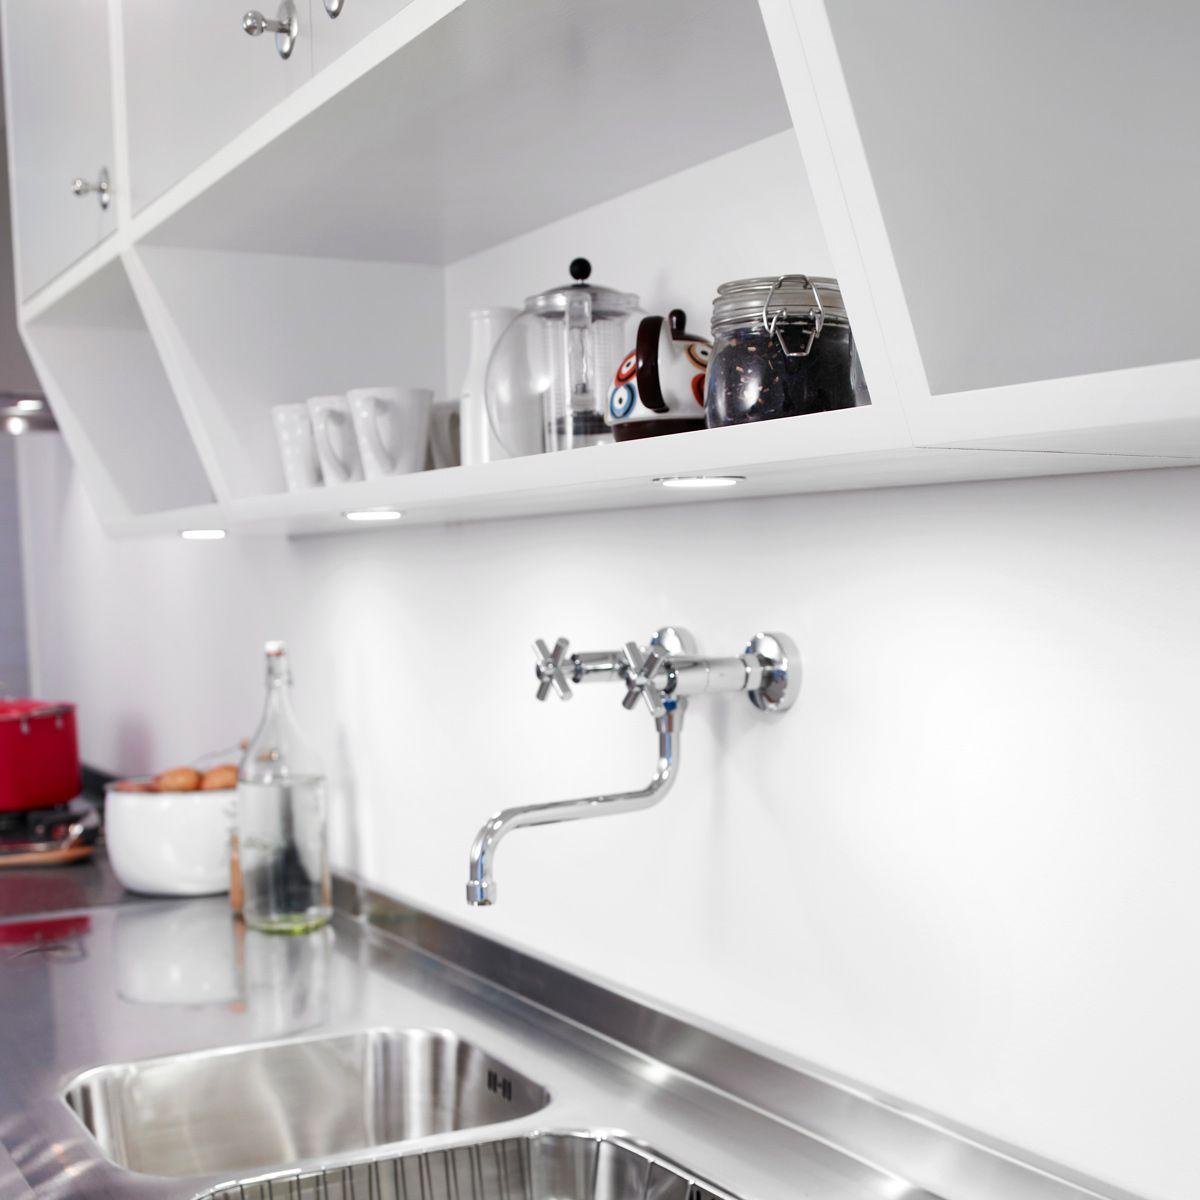 Öppna köksskåp är lättare att använda